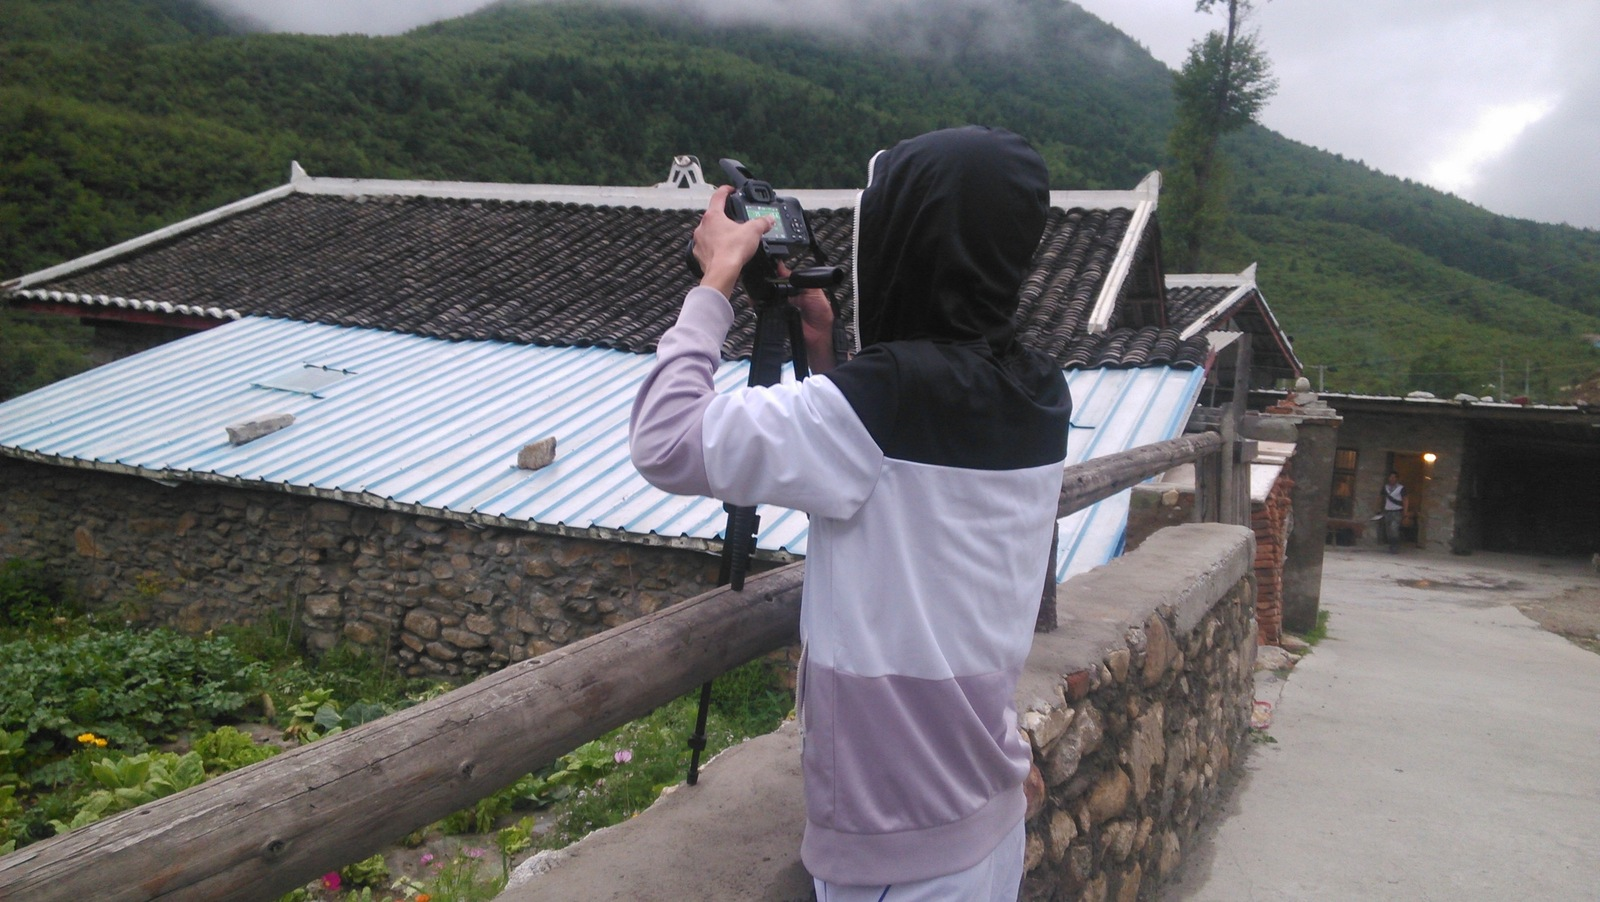 对于任何一个喜欢拍照的人来说,都是不会放过这样的时机的,但是,天快黑了,范兄咱回了吧、、、